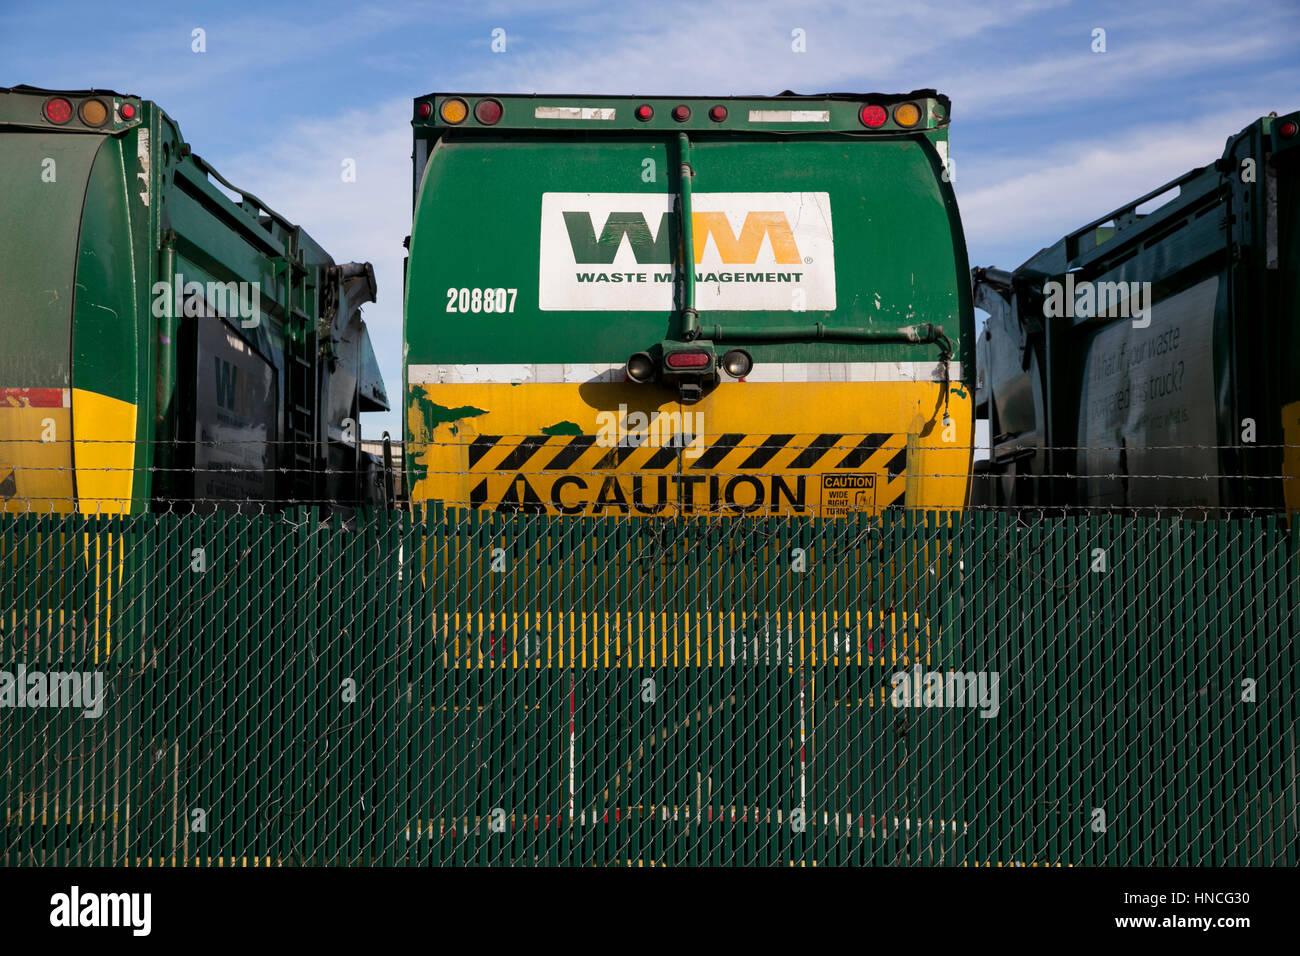 Signes du logo sur la gestion des déchets, Inc., les camions à San Antonio, Texas, le 29 janvier 2017. Photo Stock